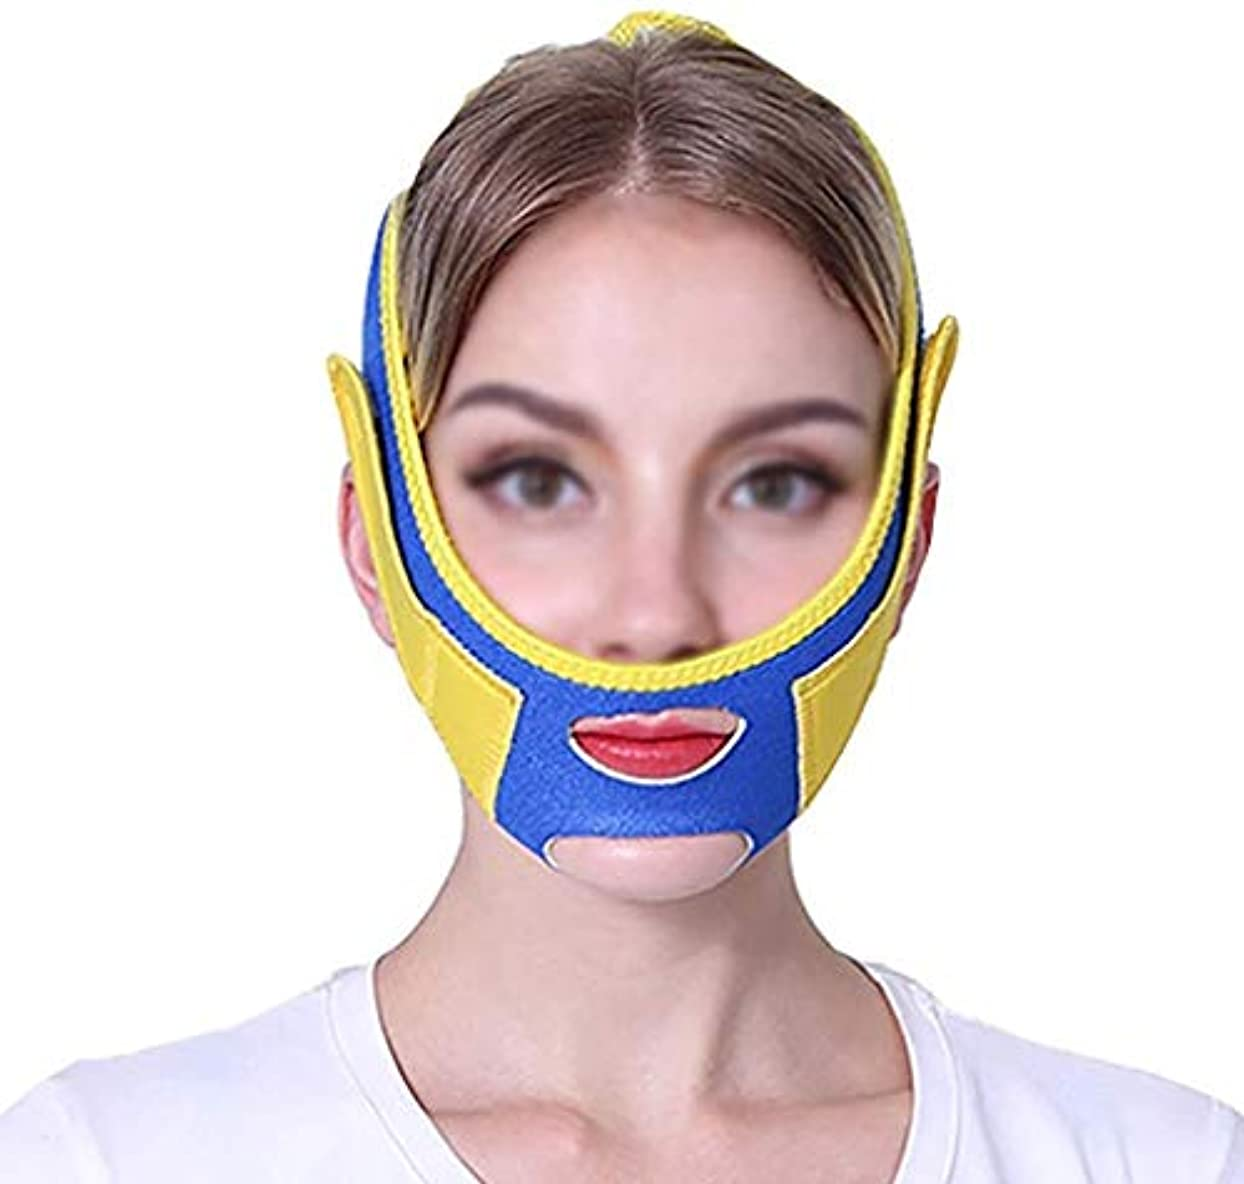 上記の頭と肩ビュッフェ大型トラック美容と実用的なファーミングフェイスマスク、スモールVフェイスアーティファクトリフティングマスクフェイスリフティングフェイスメロンフェイスリフティングフェイスファーミングクリームフェイスリフティングバンデージ